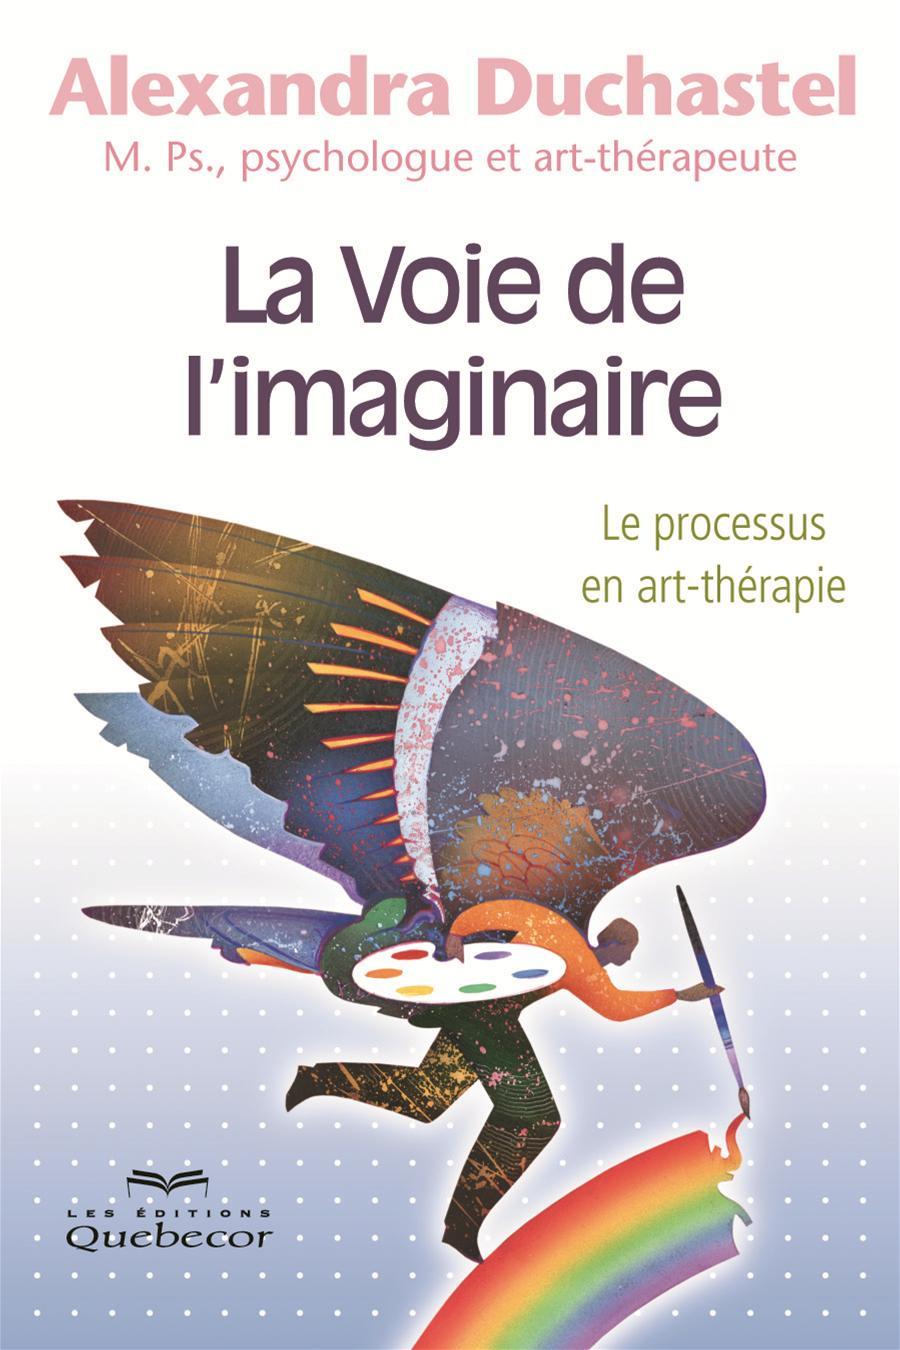 La Voie de l'imaginaire